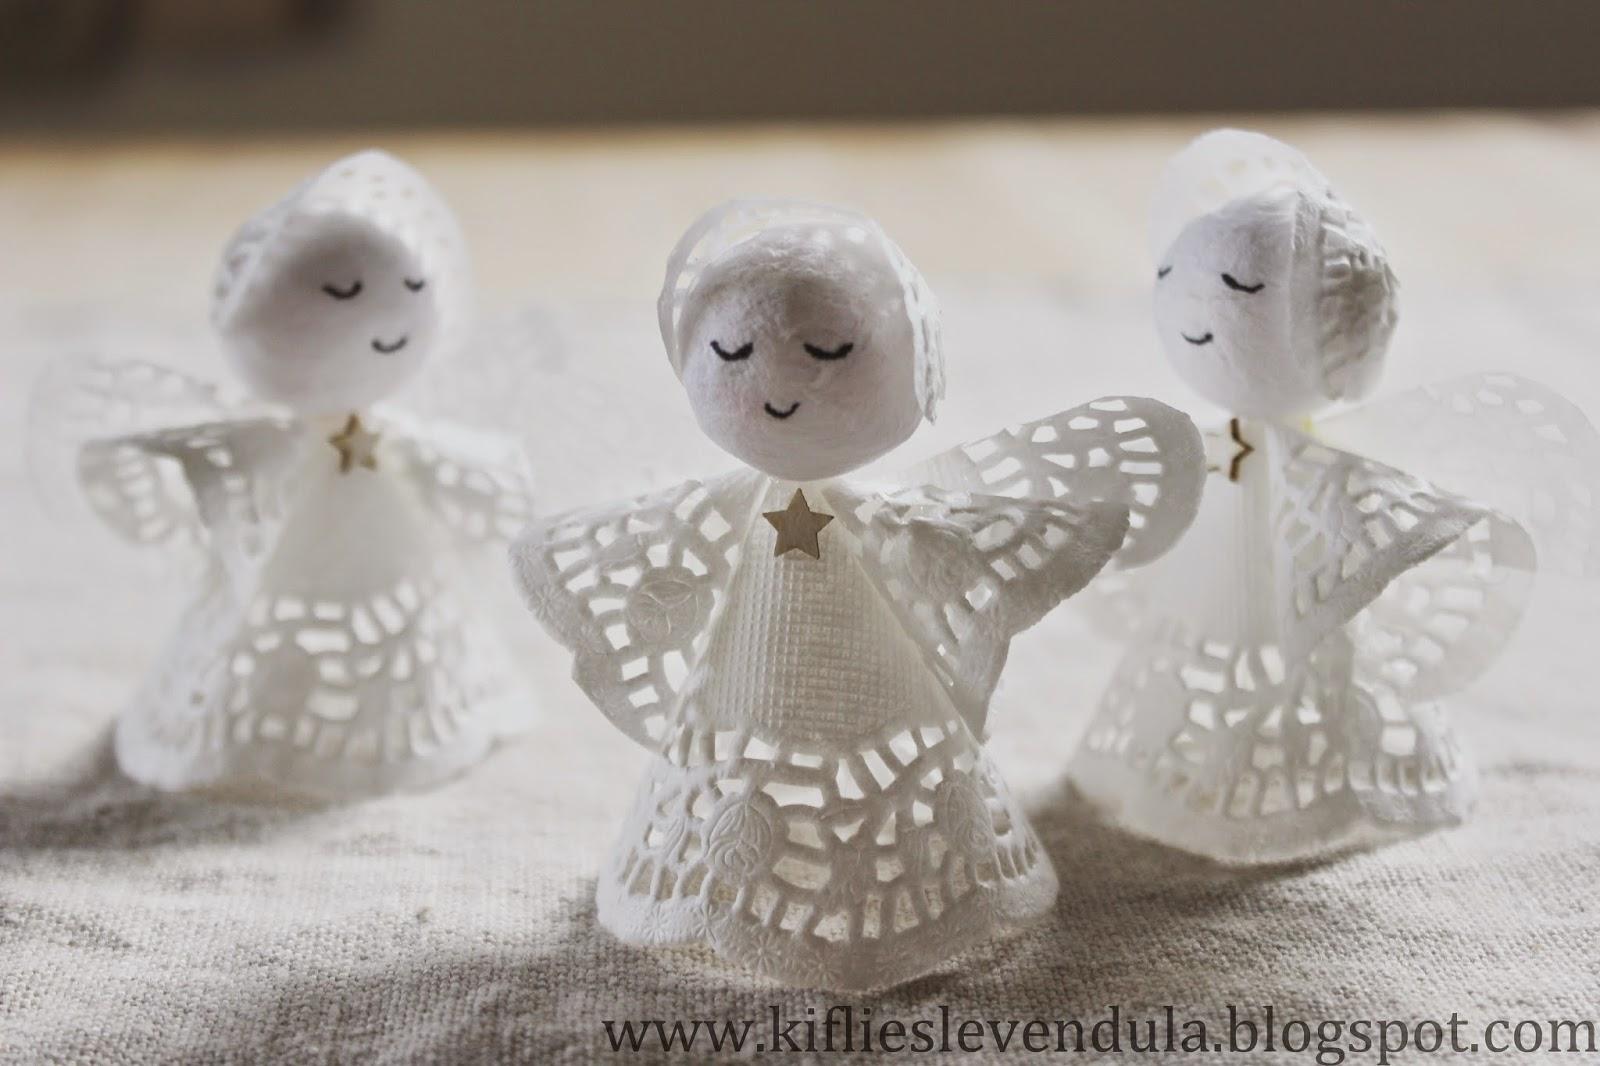 Tres angelitos blancos creados con 3 platos de papel y 3 bolitas de papel prensado